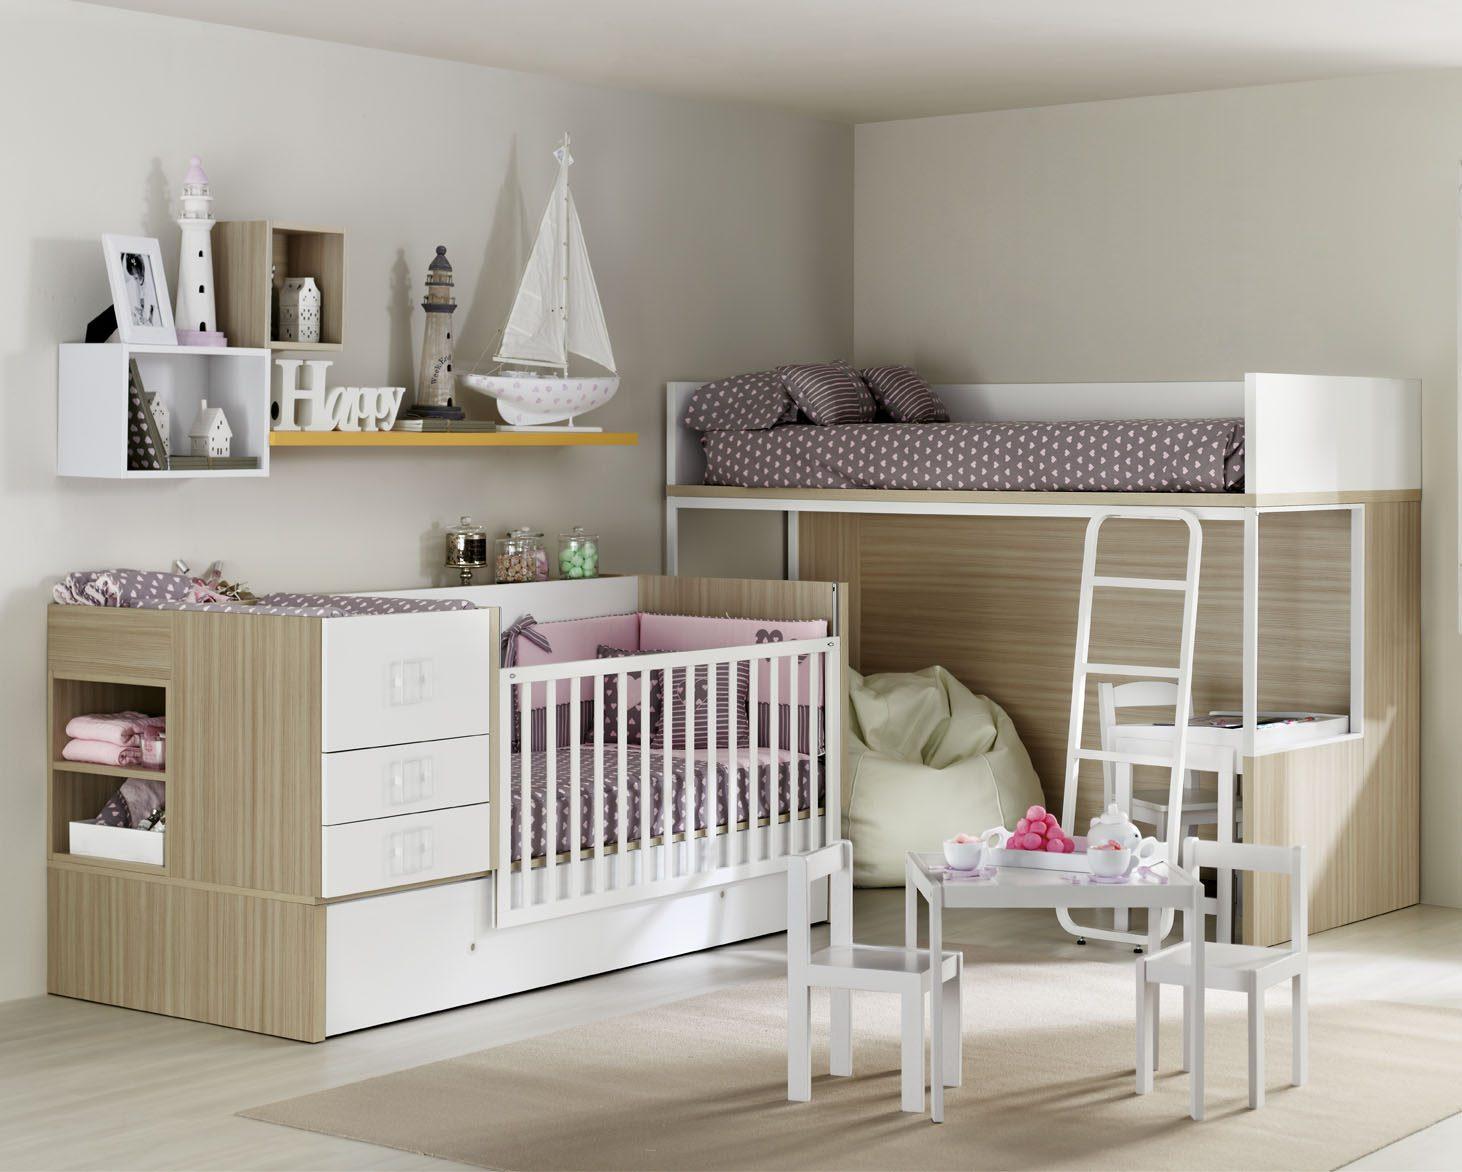 Dormitorio infantil touch mobiliario hd for Mueble juvenil diseno